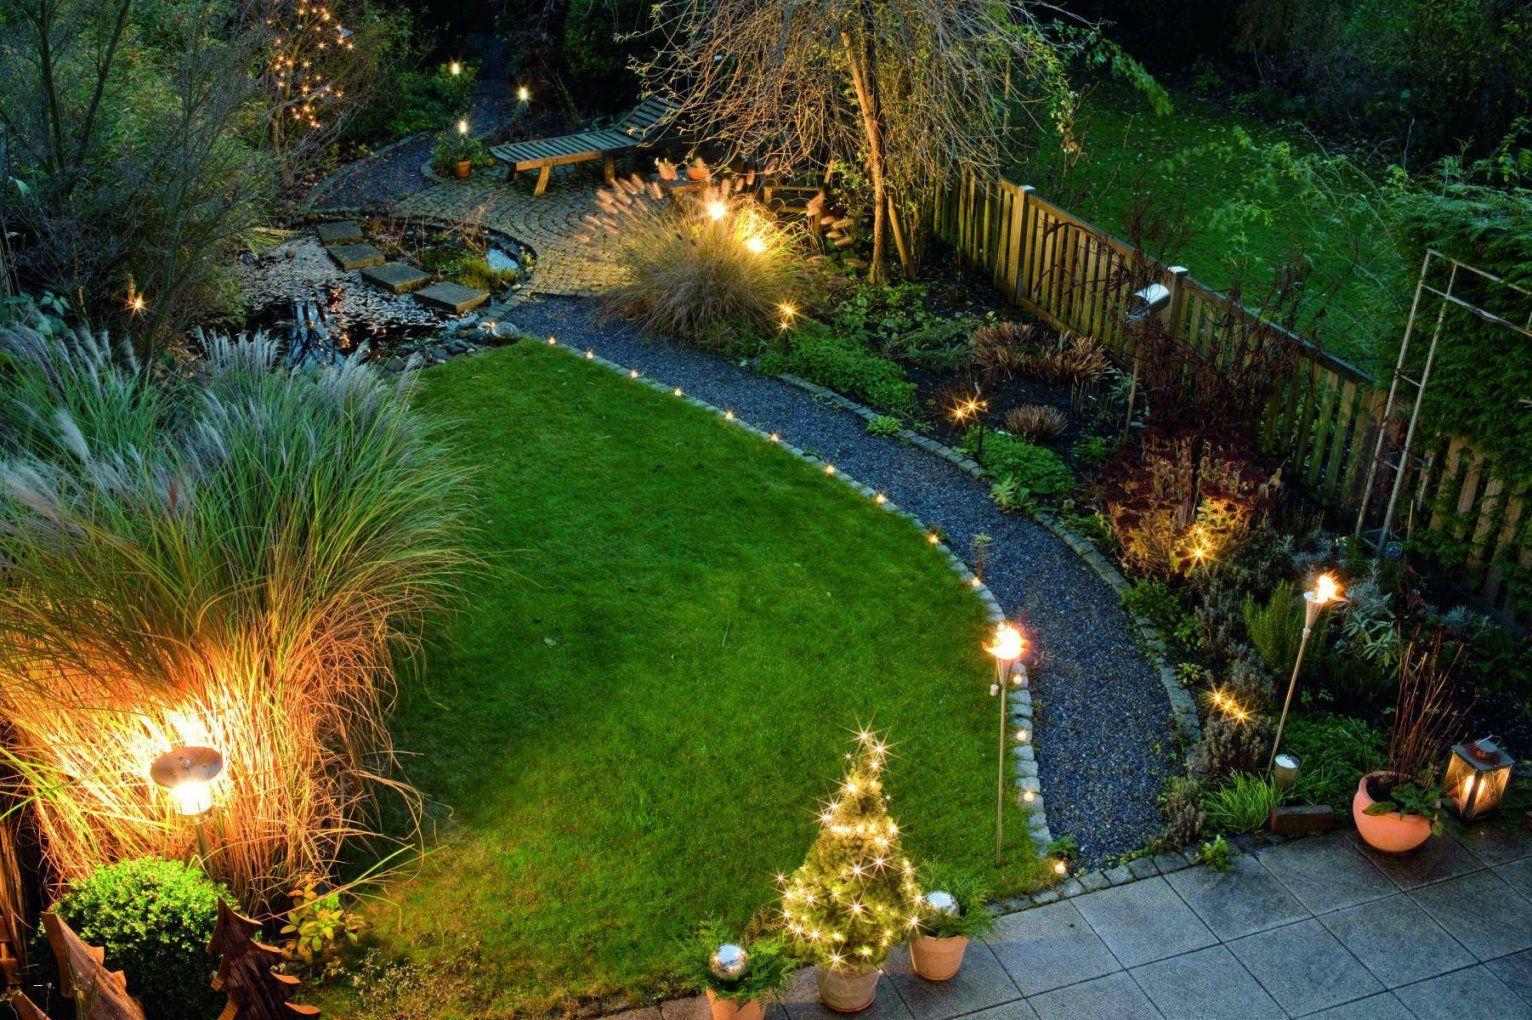 Kleine Gärten Gestalten Bilder Schön 30 Neueste Kleine Gärten von Kleine Gärten Gestalten Beispiele Photo